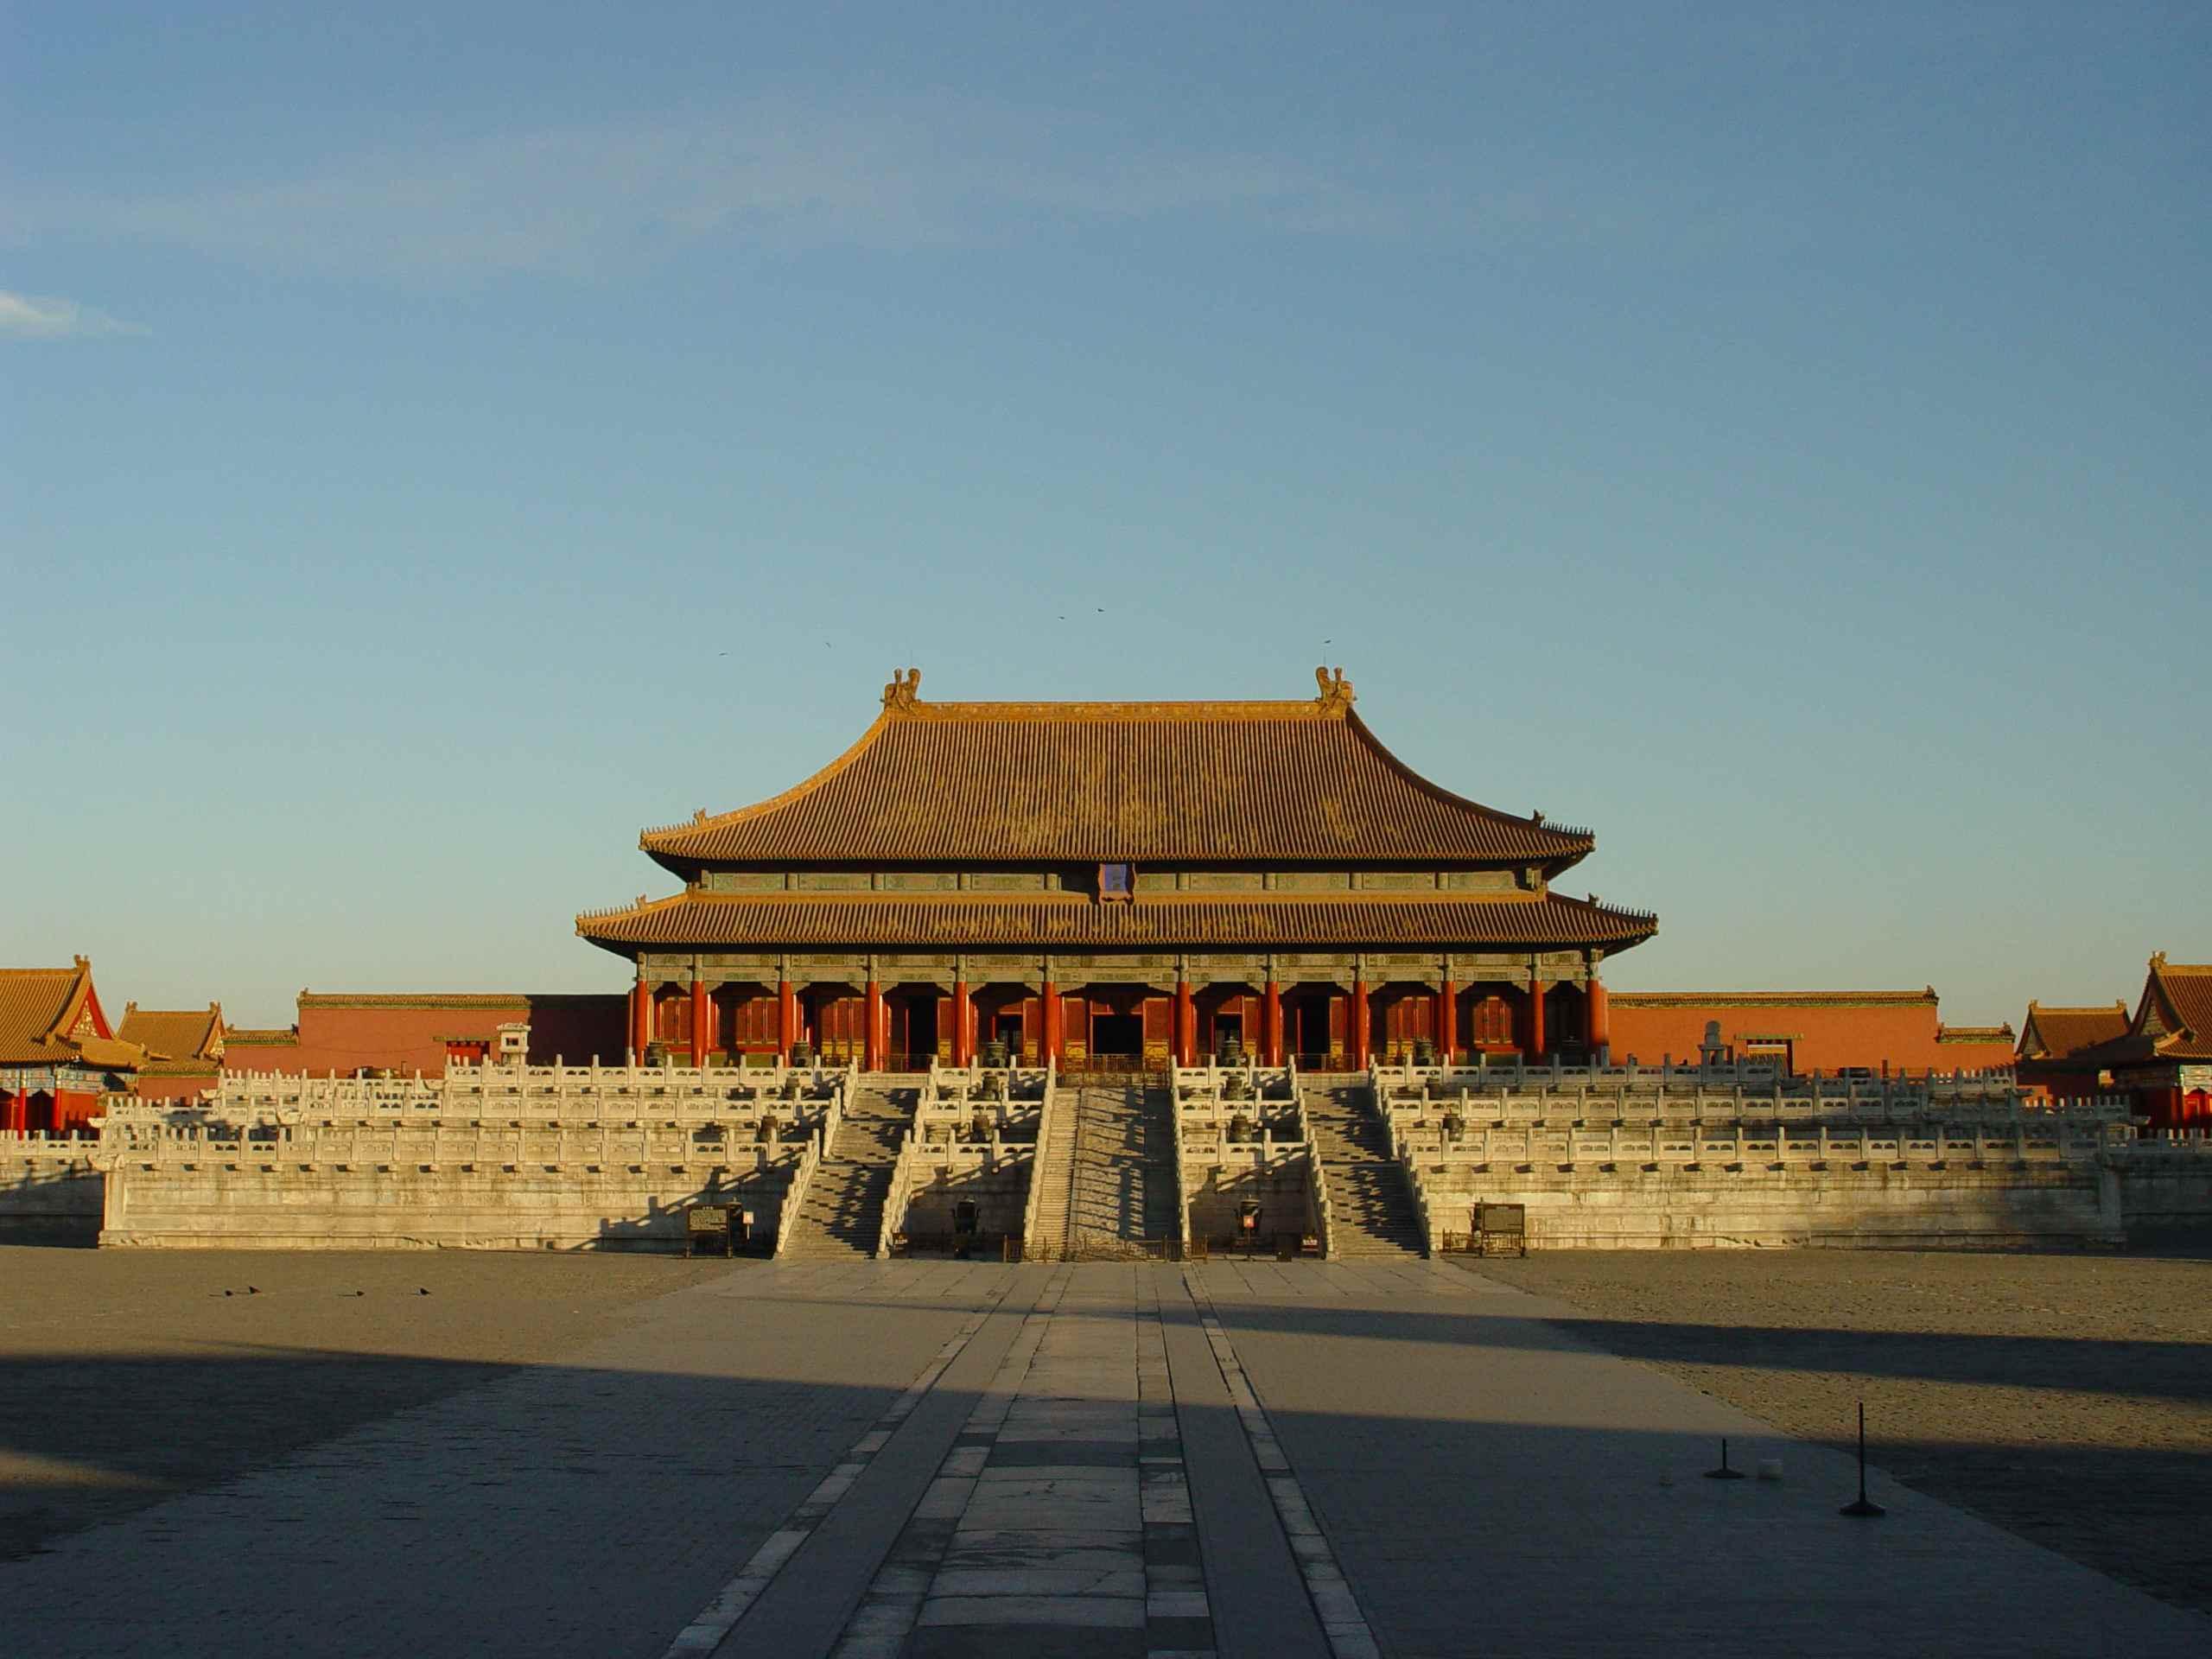 北京故宫学生门票 多少钱一张_2015年\/8月\/北